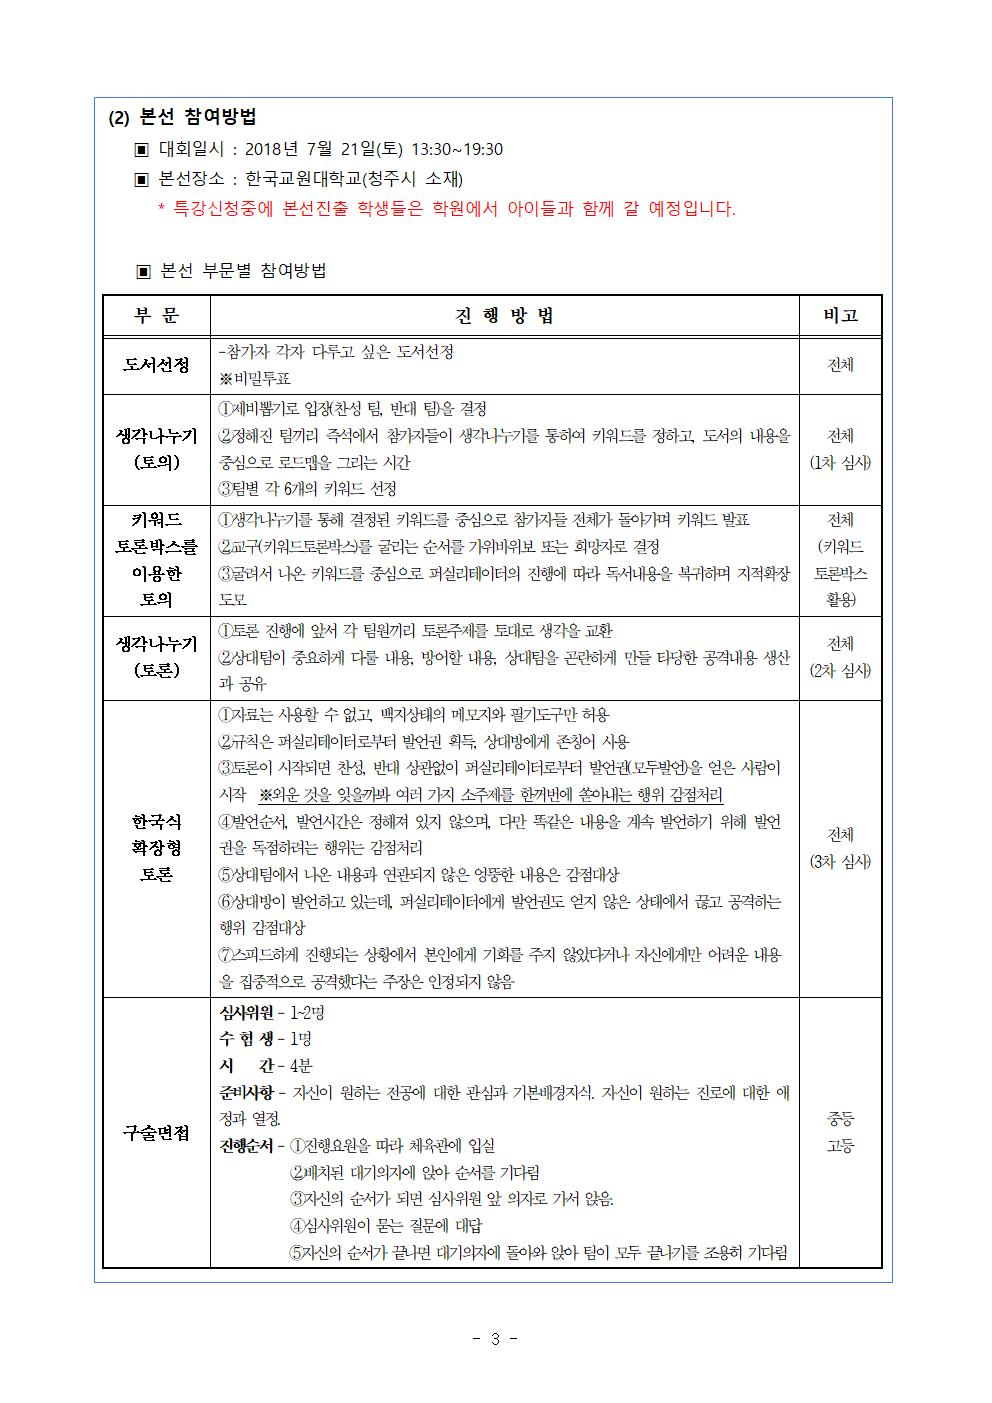 제16회전국청소년토론대회안내문(수정)003.png